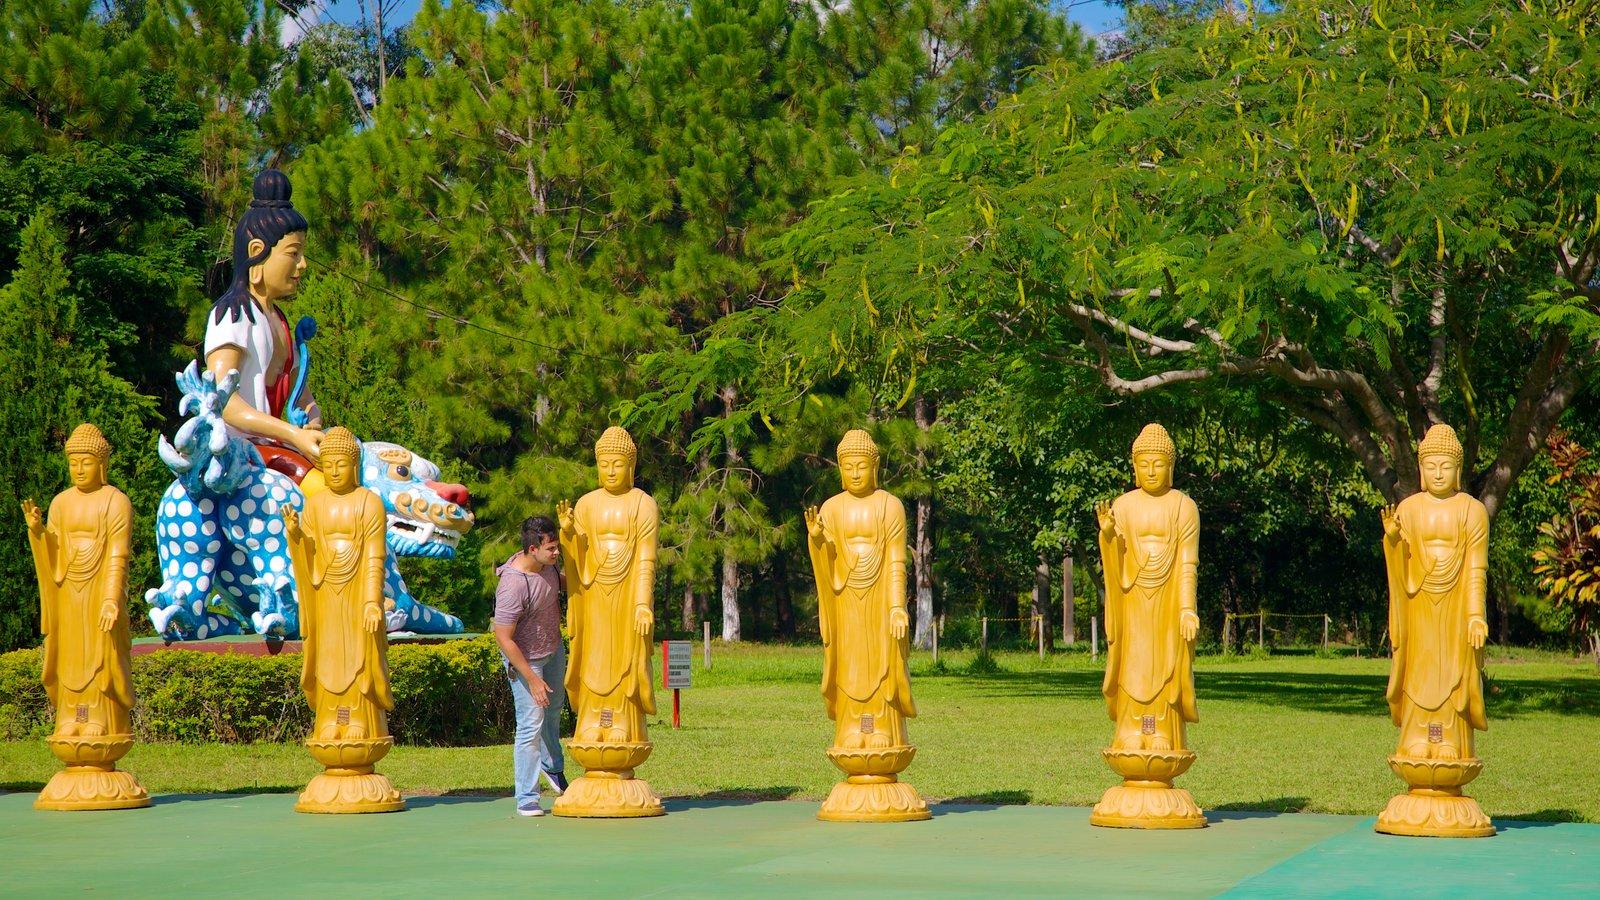 Templo Budista mostrando um templo ou local de adoração e aspectos religiosos